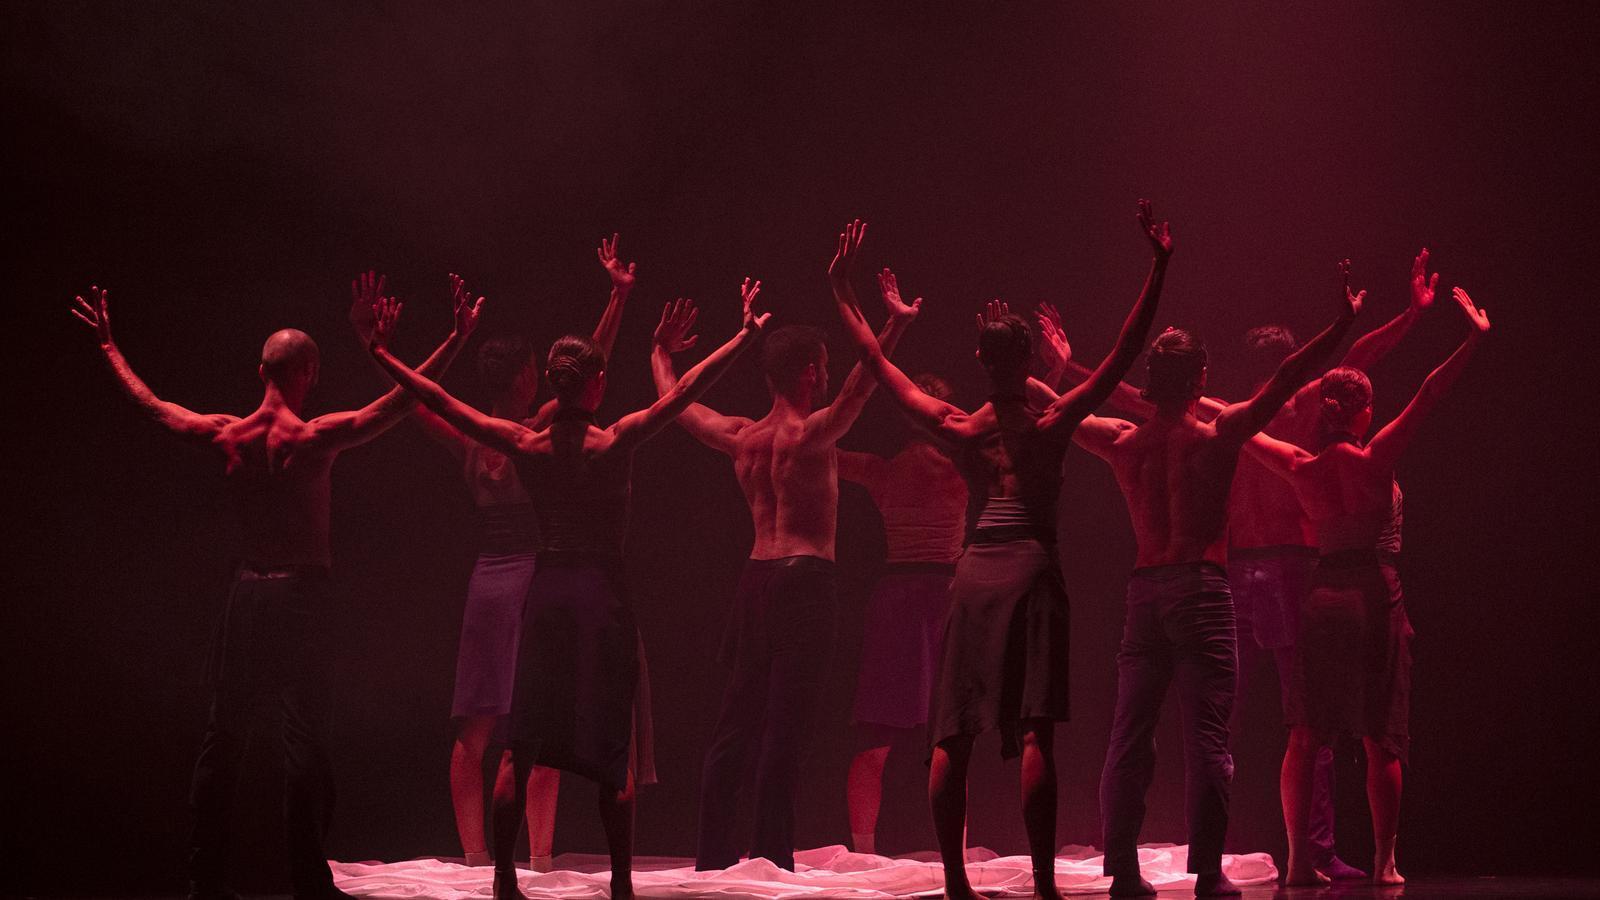 Un instant de l'espectacle de MM Contemporary Dance Music